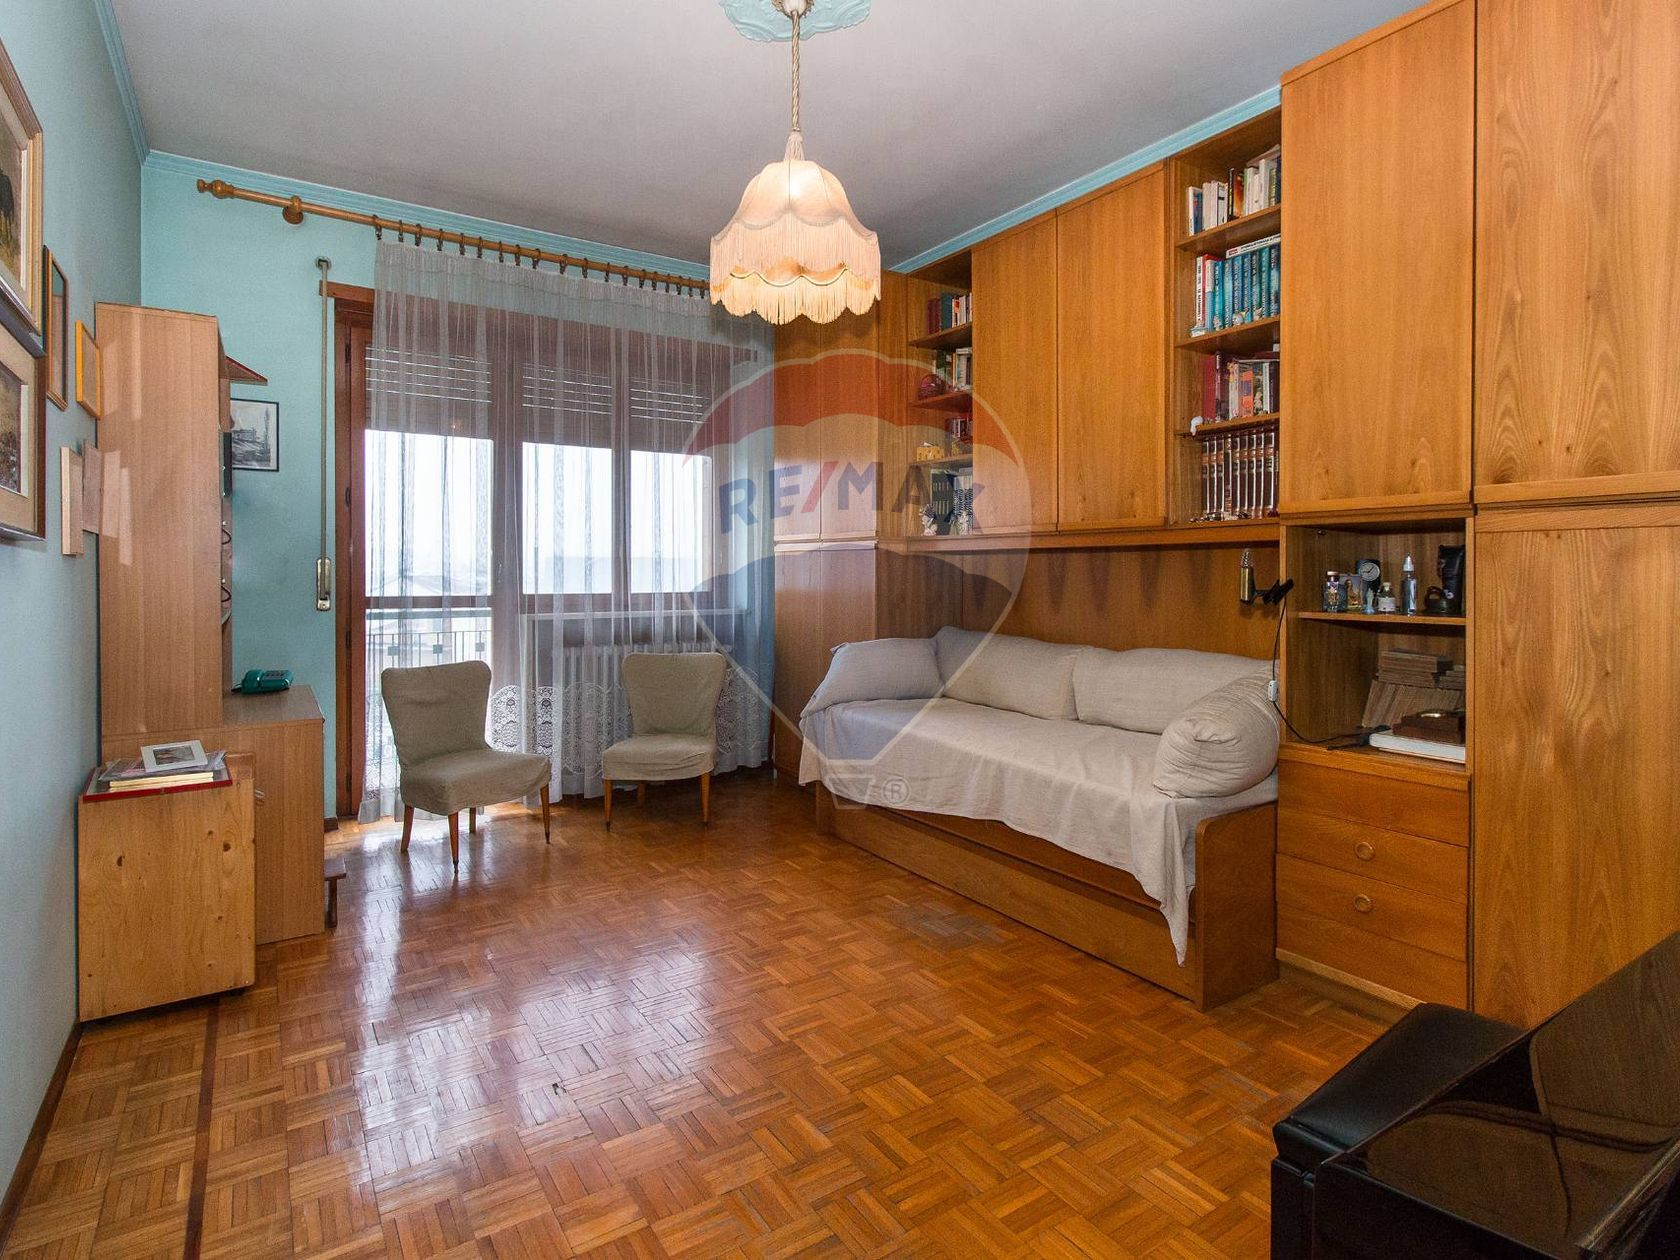 Appartamento San Pietro, Moncalieri, TO Vendita - Foto 15